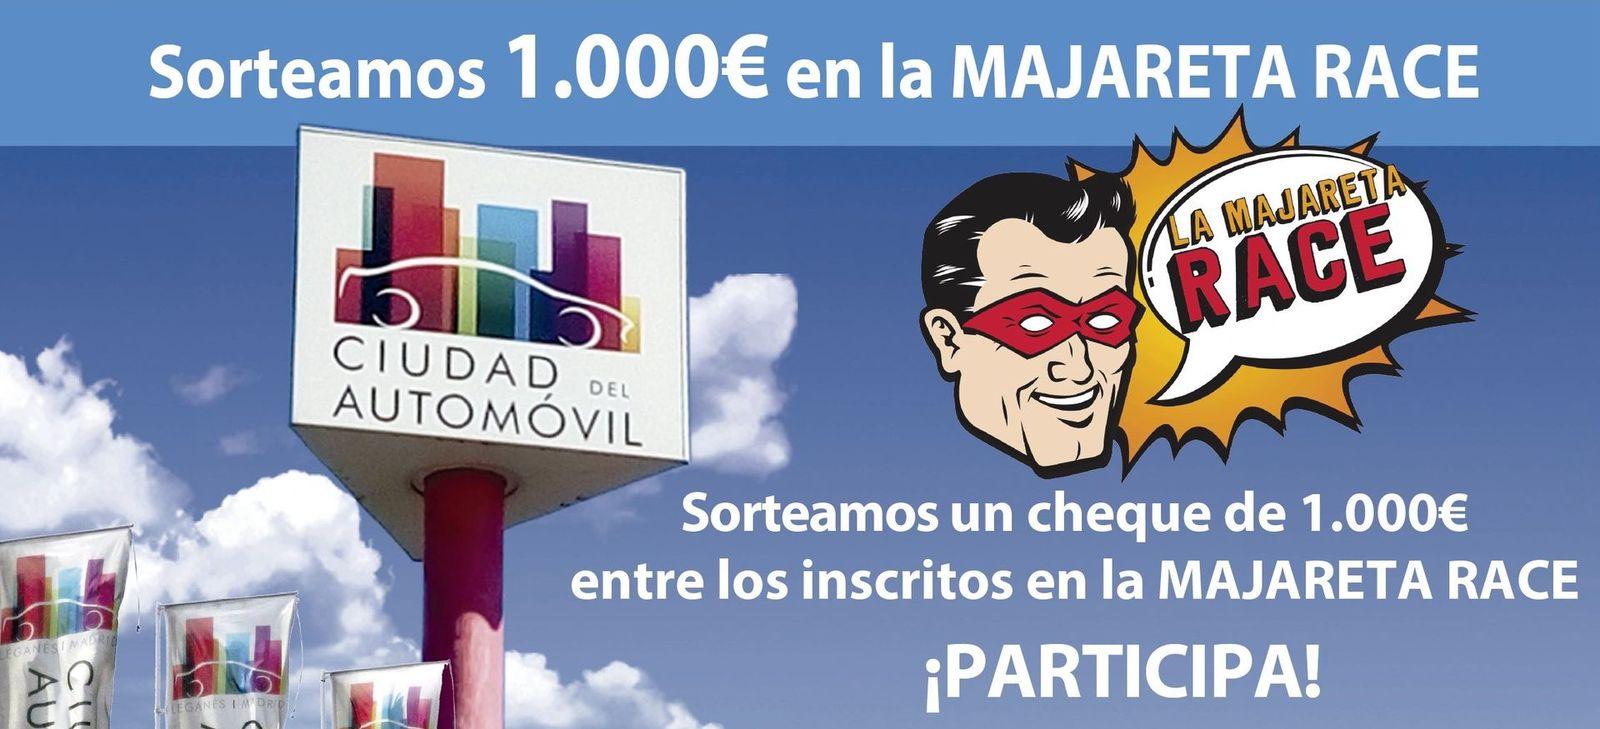 La ciudad del automovil leganes sortea 1000 euros majareta race